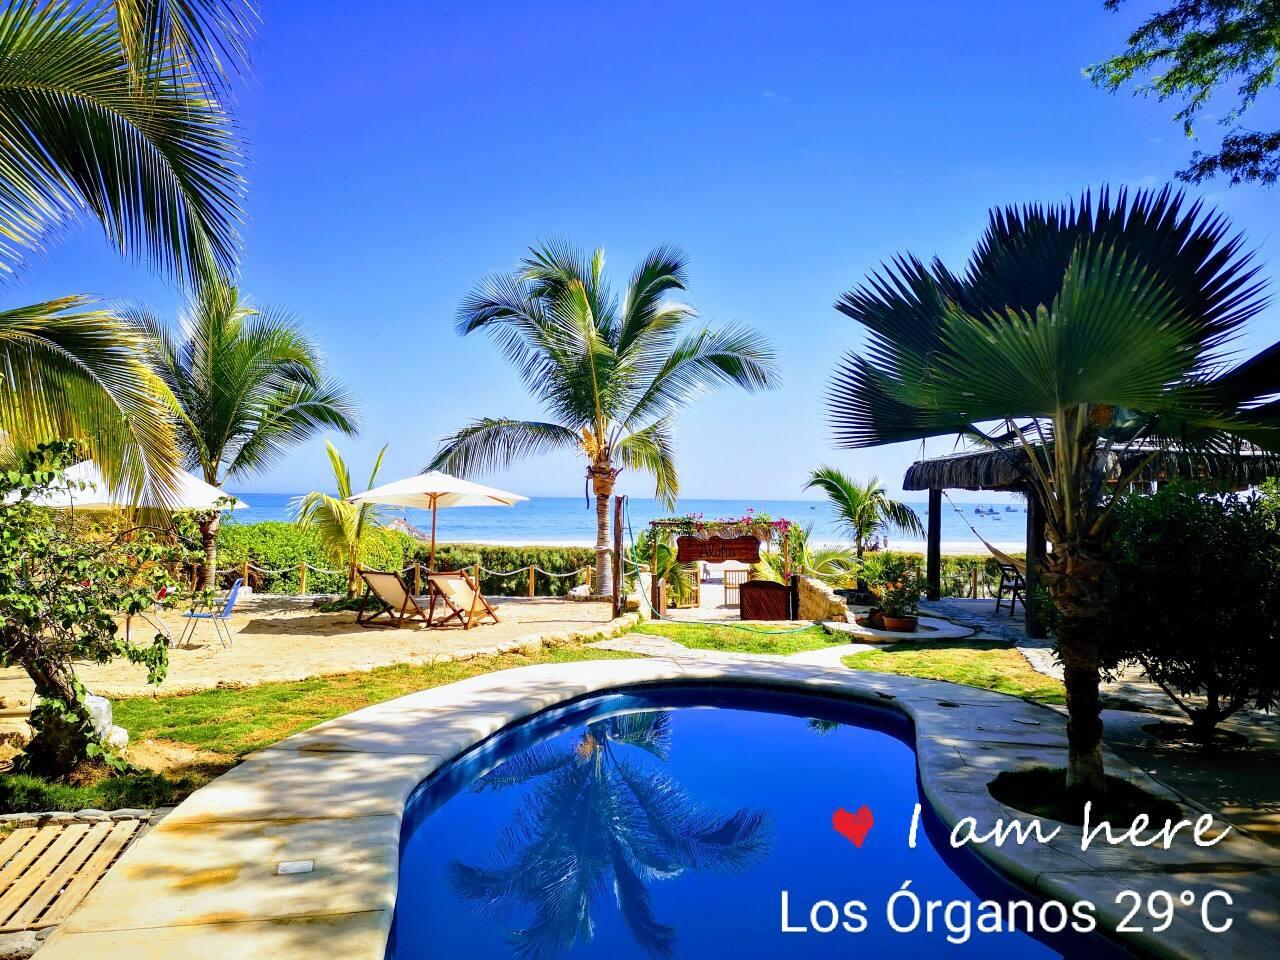 Hermosa casa de playa en el Norte del Perú, Los Órganos - Punta Veleros. El lugar perfecto para desconectarte de la rutina y disfrutar de este paradisiaco lugar frente al mar.